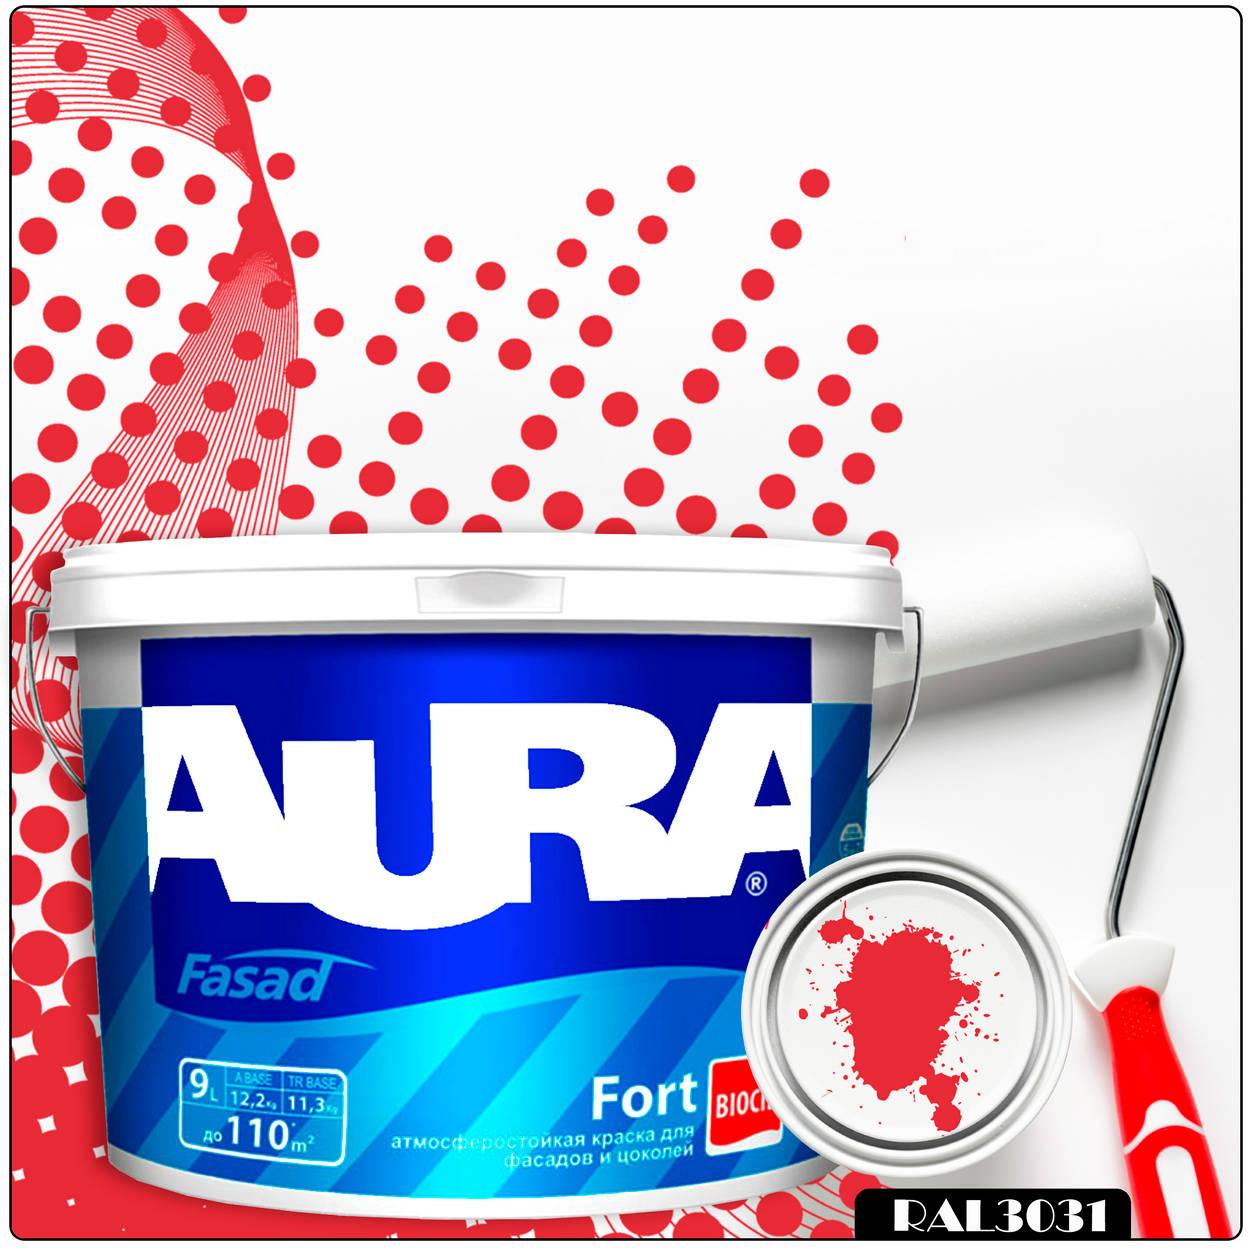 Фото 21 - Краска Aura Fasad Fort, RAL 3031 Красный ориент, латексная, матовая, для фасада и цоколей, 9л, Аура.